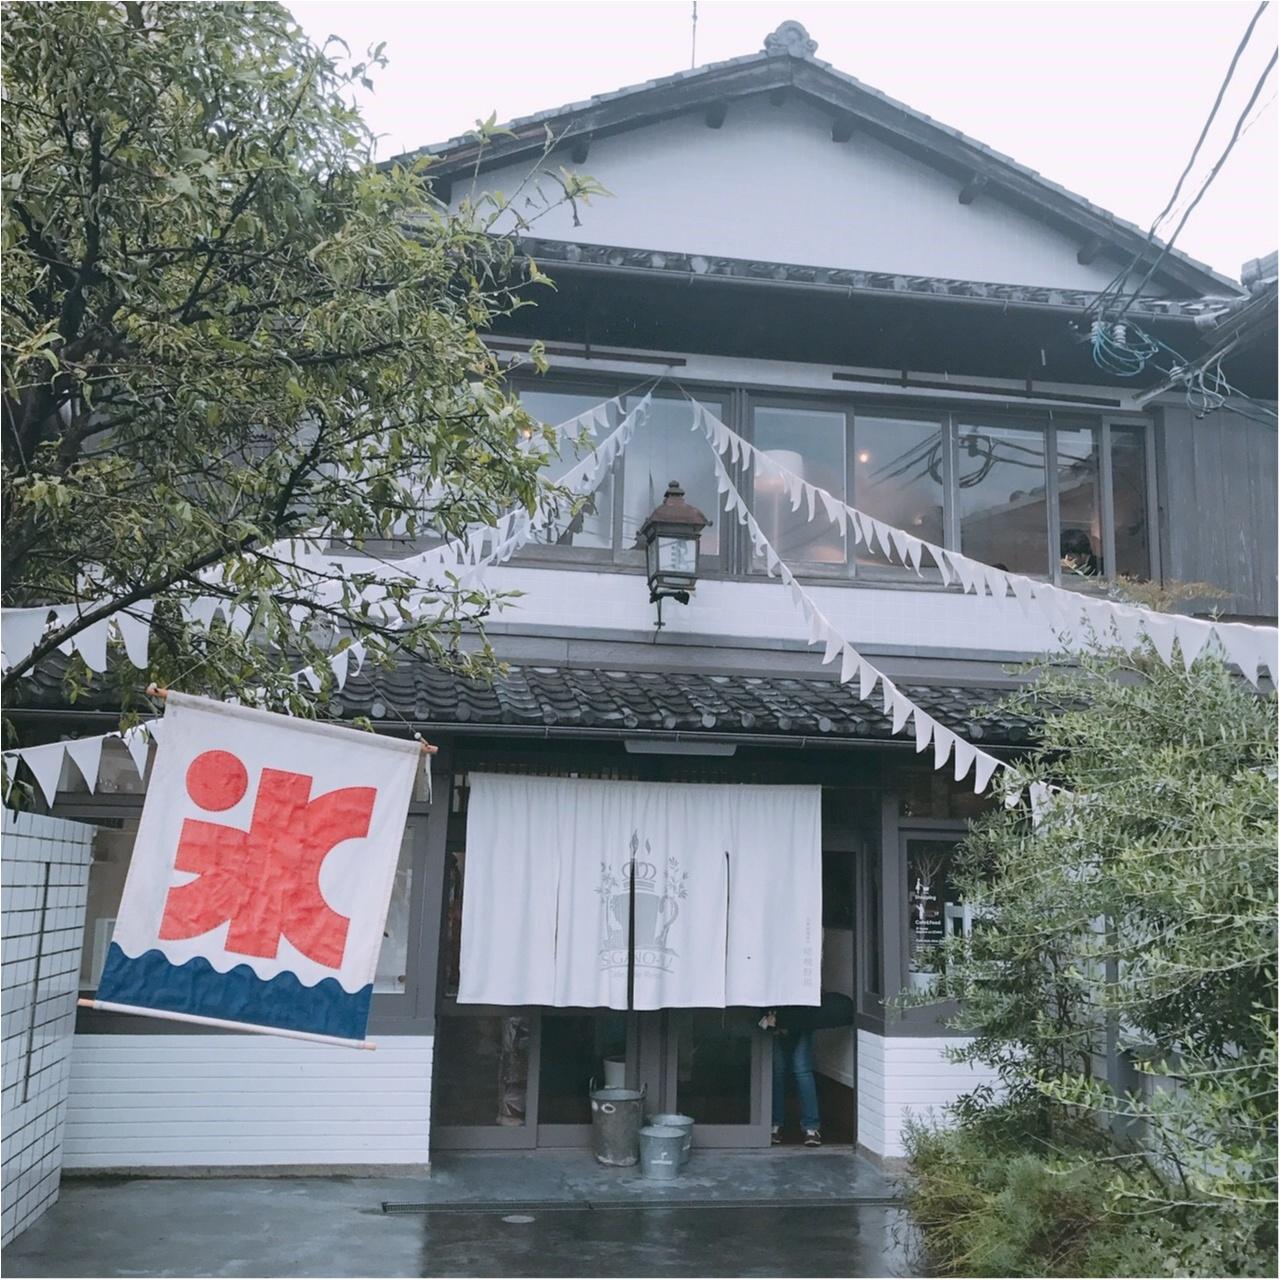 京都のおすすめランチ特集 - 京都女子旅や京都観光におすすめの和食店やレストラン7選_22